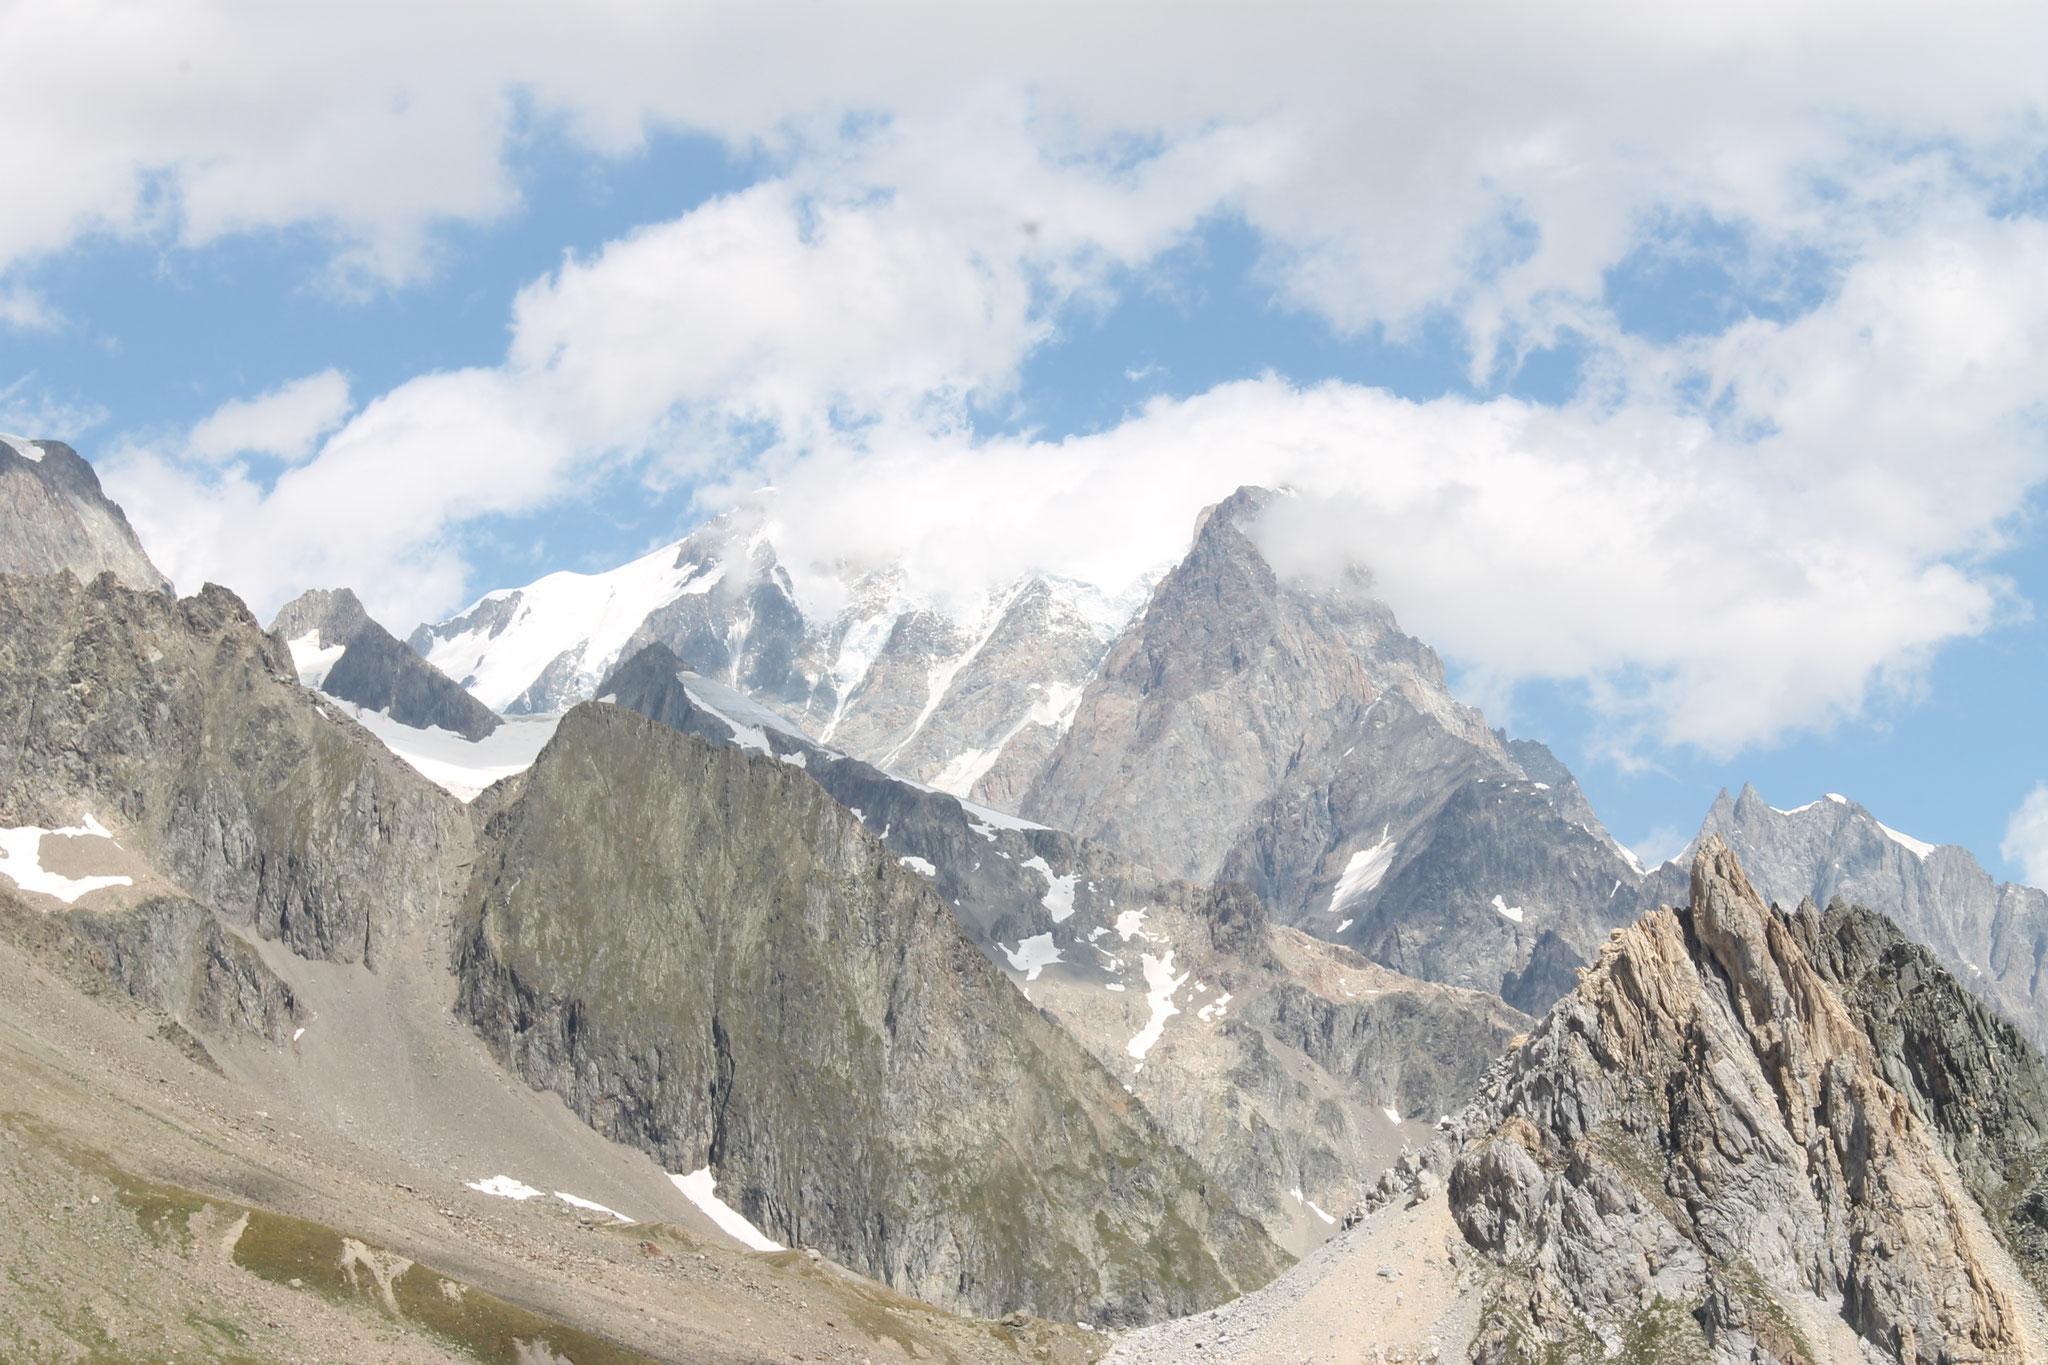 4. Le col de la Seigne (Alt. 2516m)